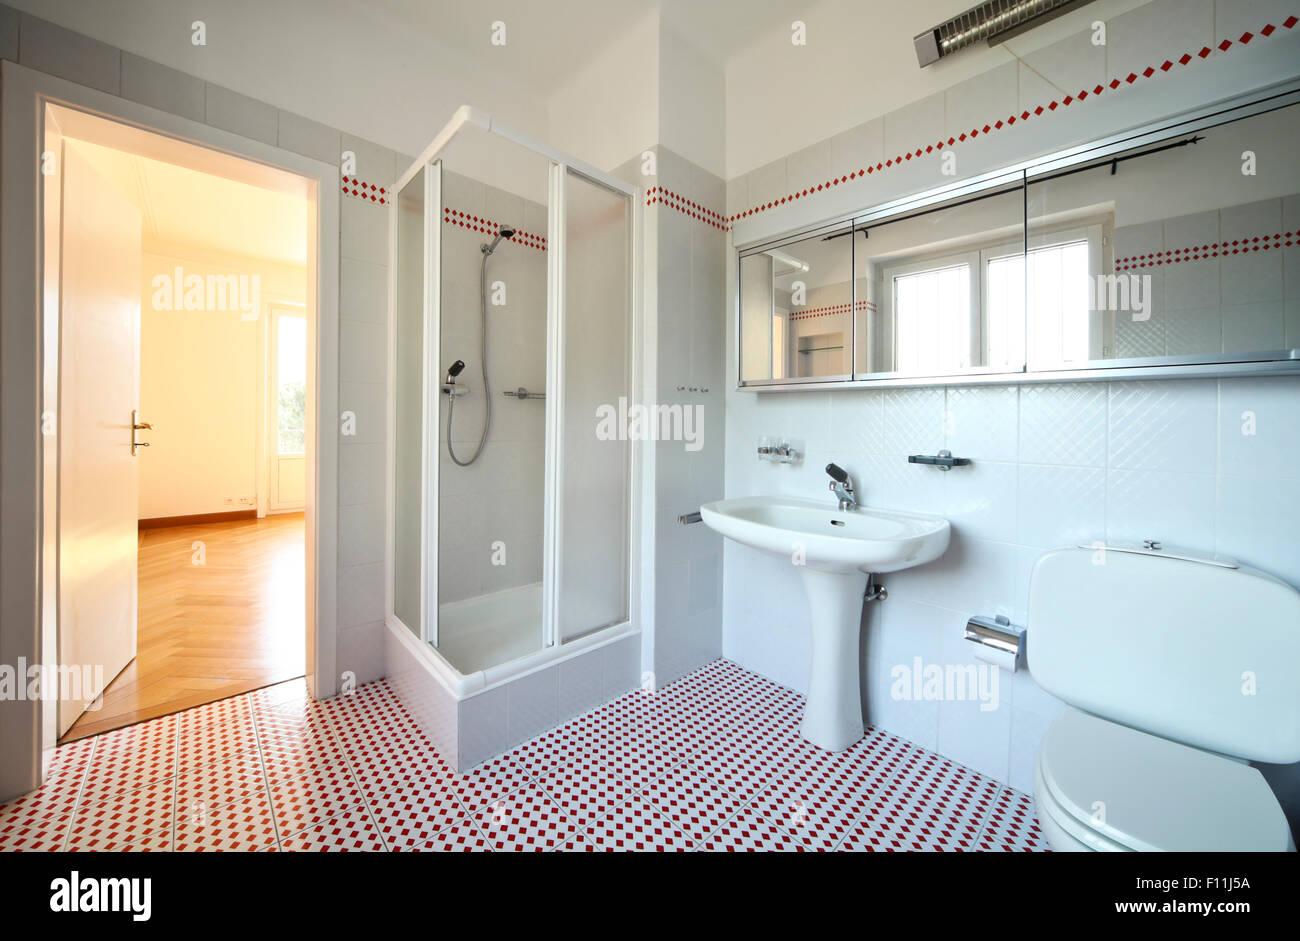 Bagno interno piastrelle del pavimento foto immagine stock